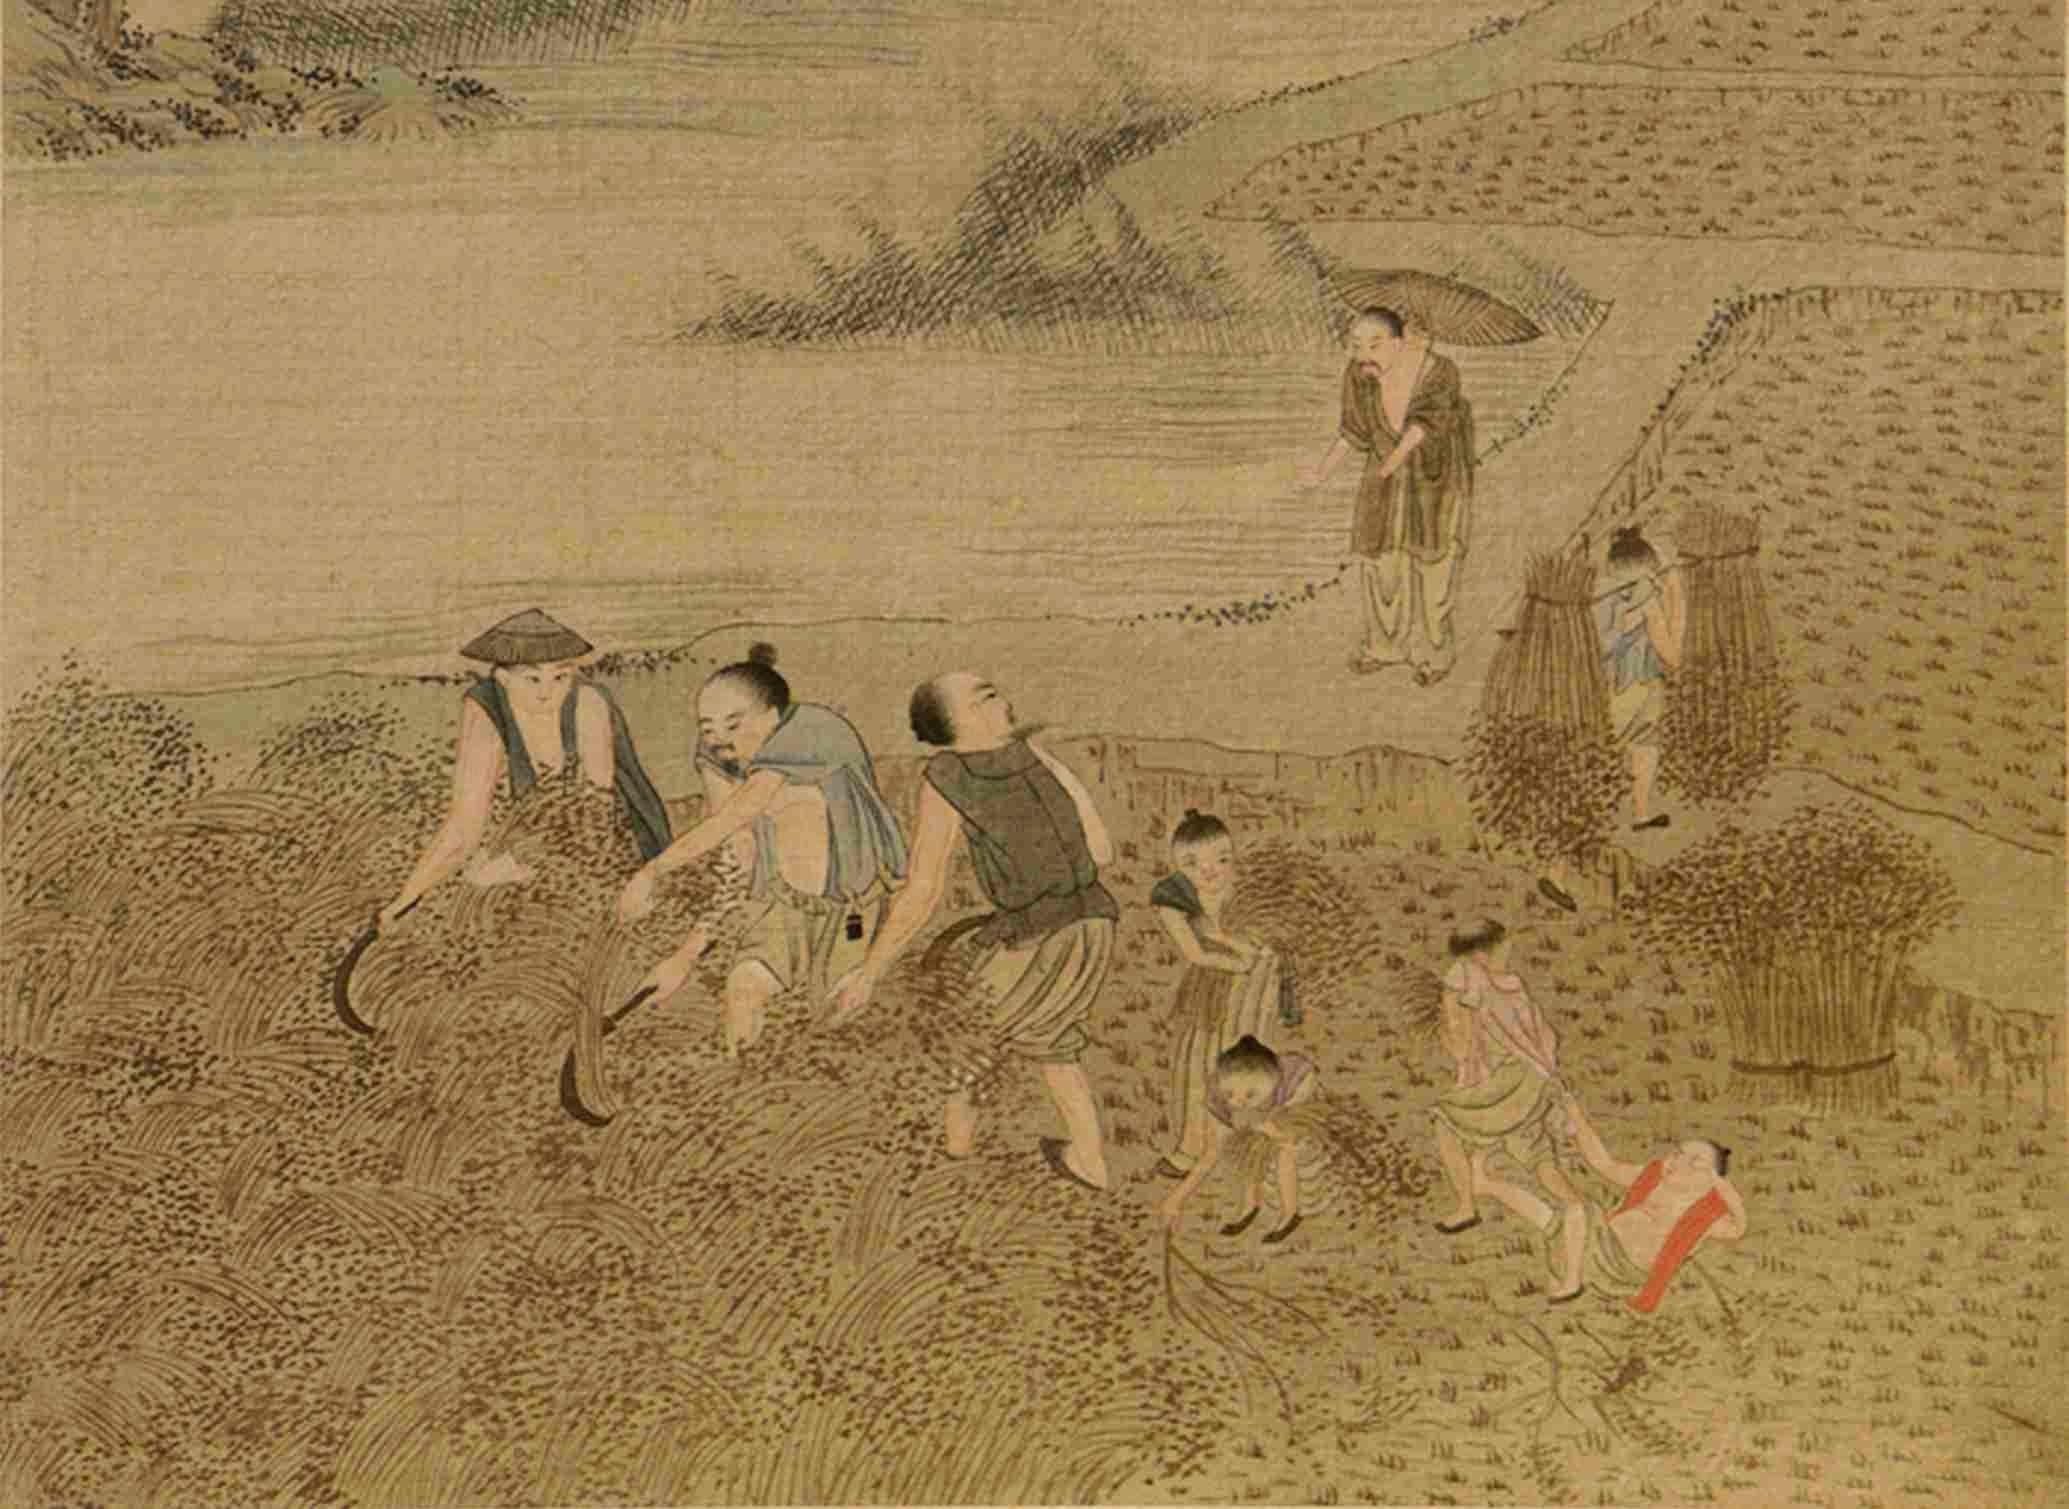 Làng xóm có gia đình Lưu Hiển nghèo khổ không biết lấy gì để sống, Nhữ Đạo liền chia ruộng đất của mình cho họ để họ có đất cày cấy sinh sống.